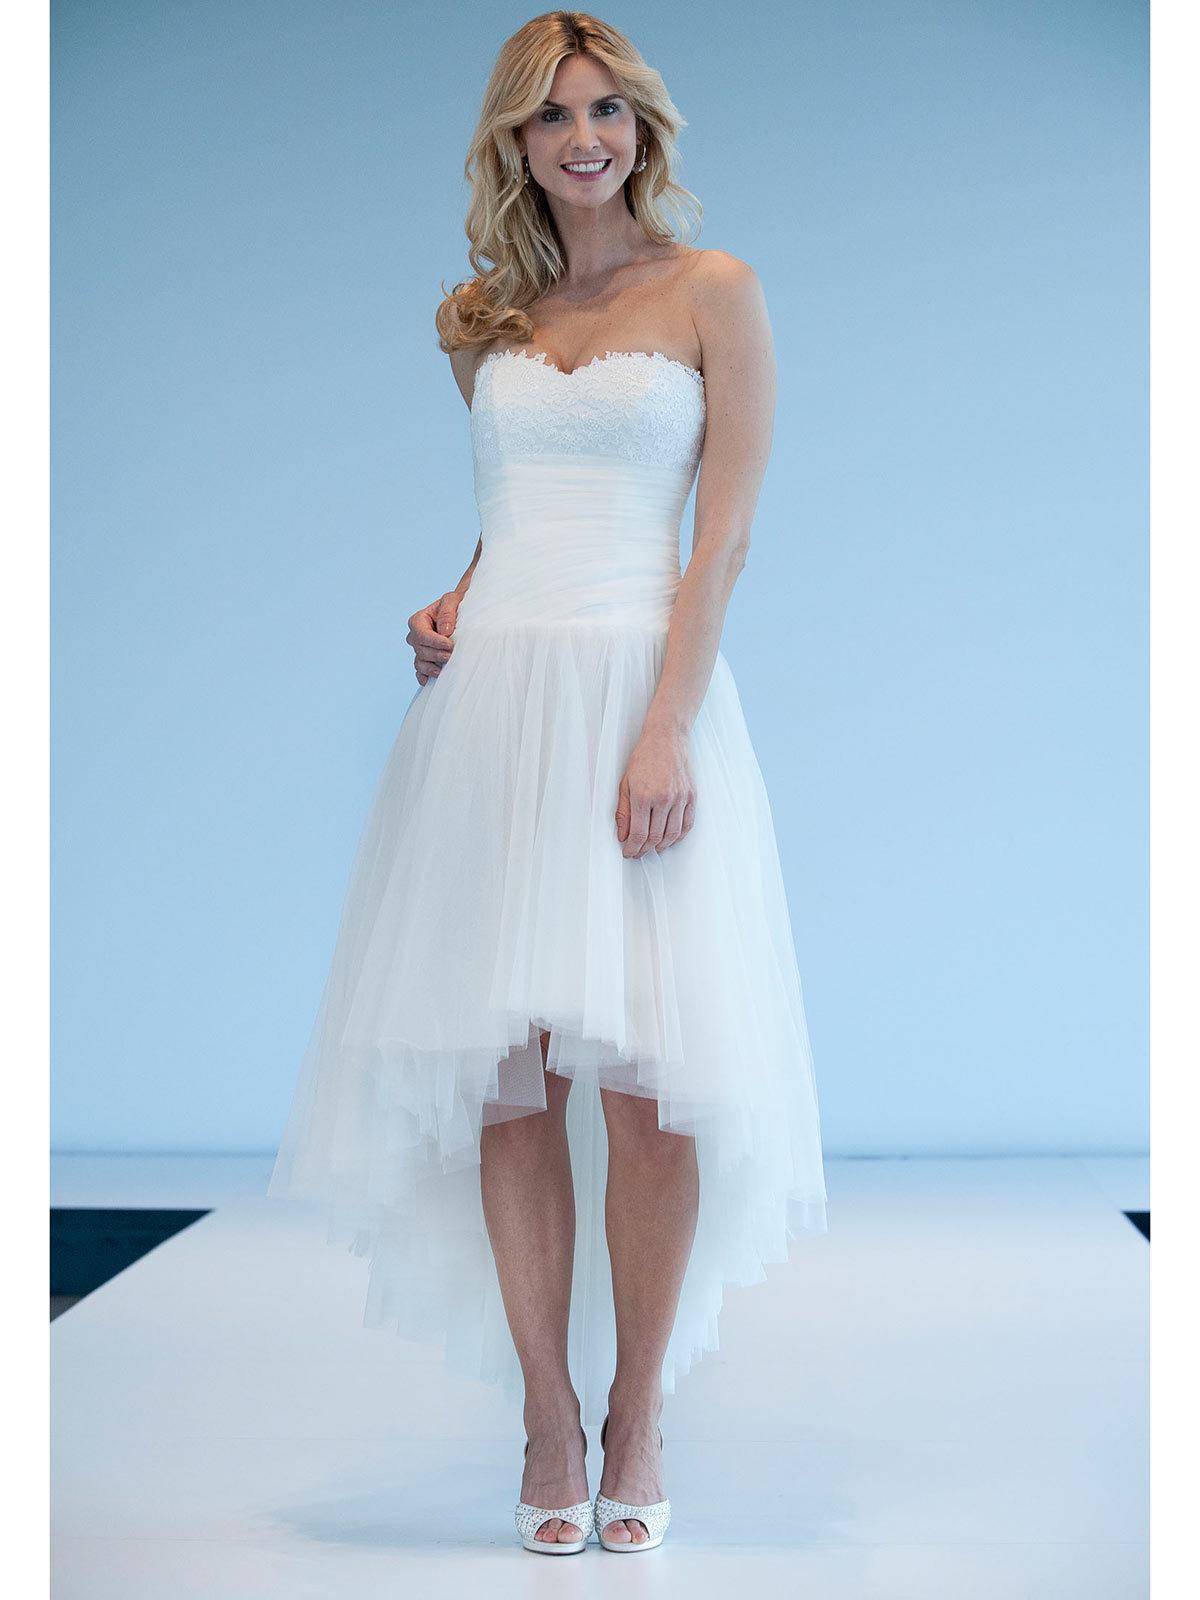 Brautkleid Corsica keine Jacke von Marylise auf Ja.de